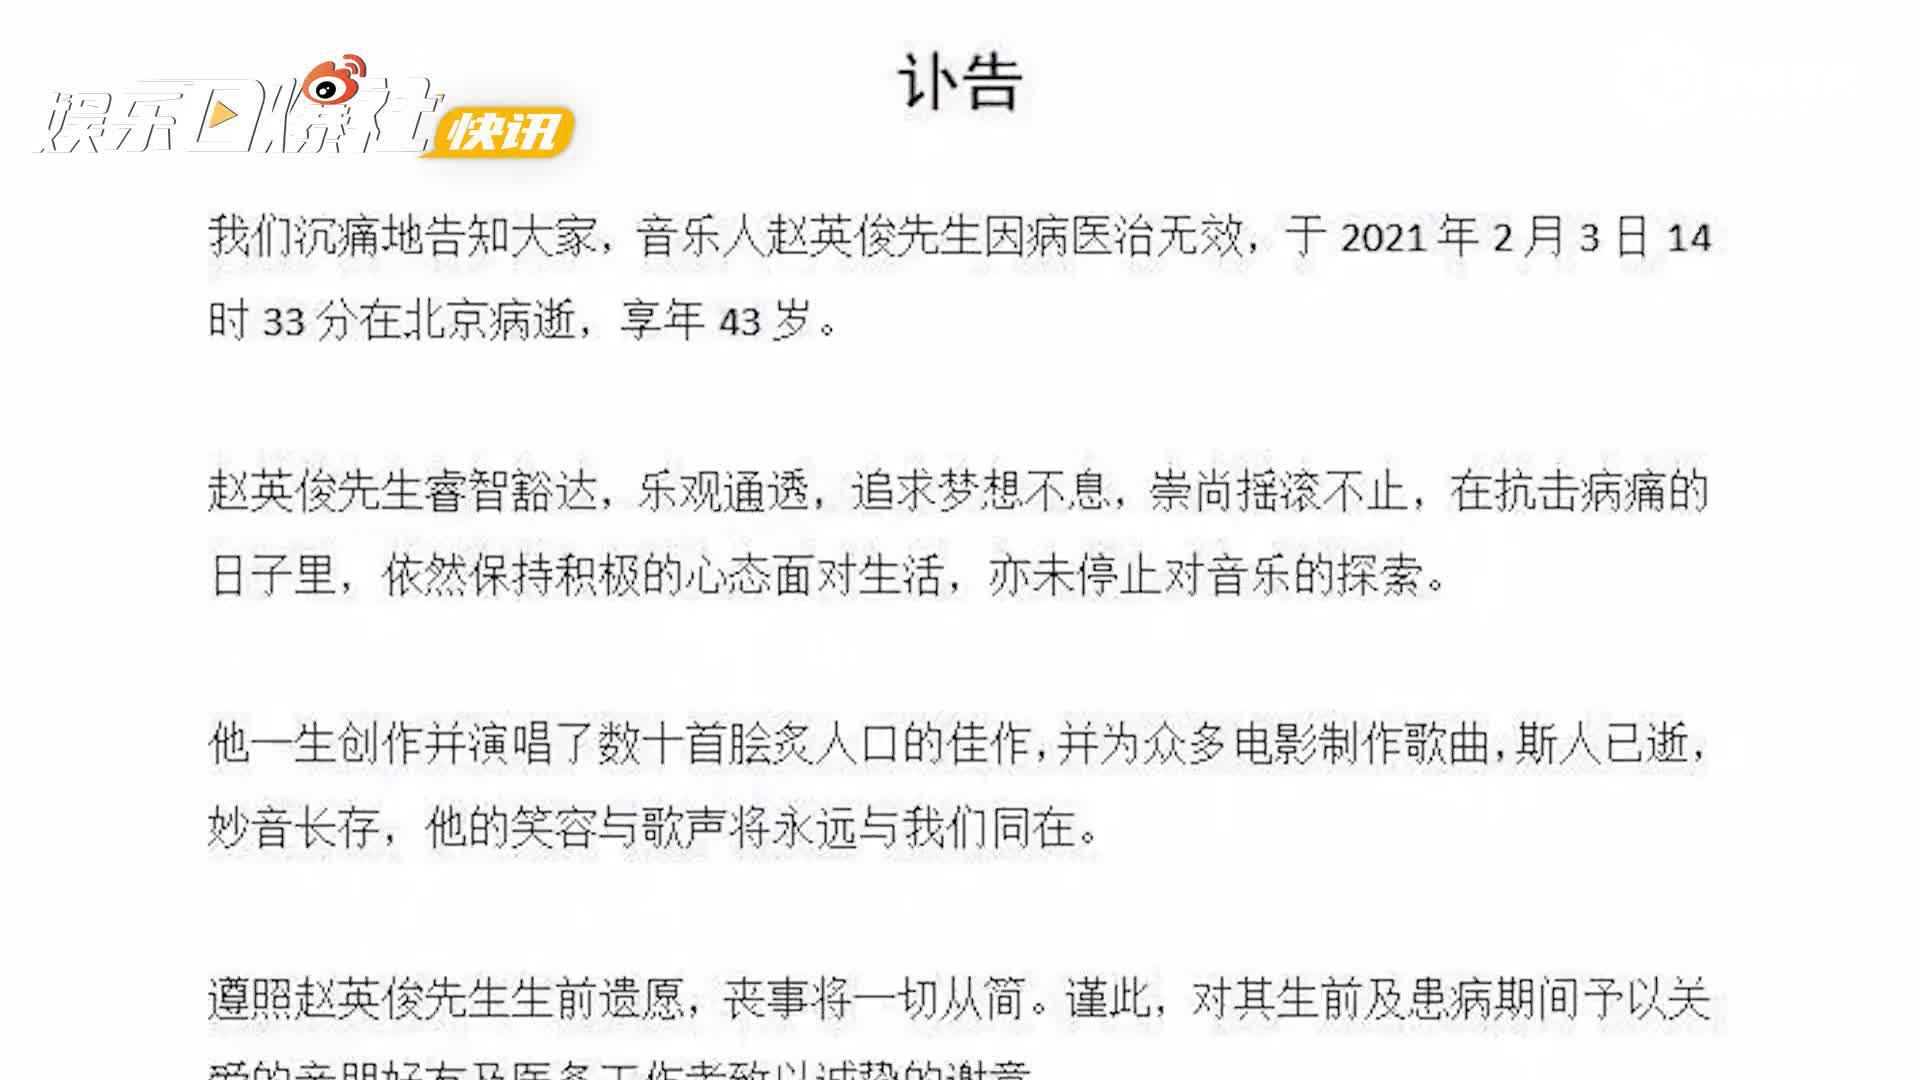 43岁赵英俊因病离世 薛之谦曾带他去医院救治